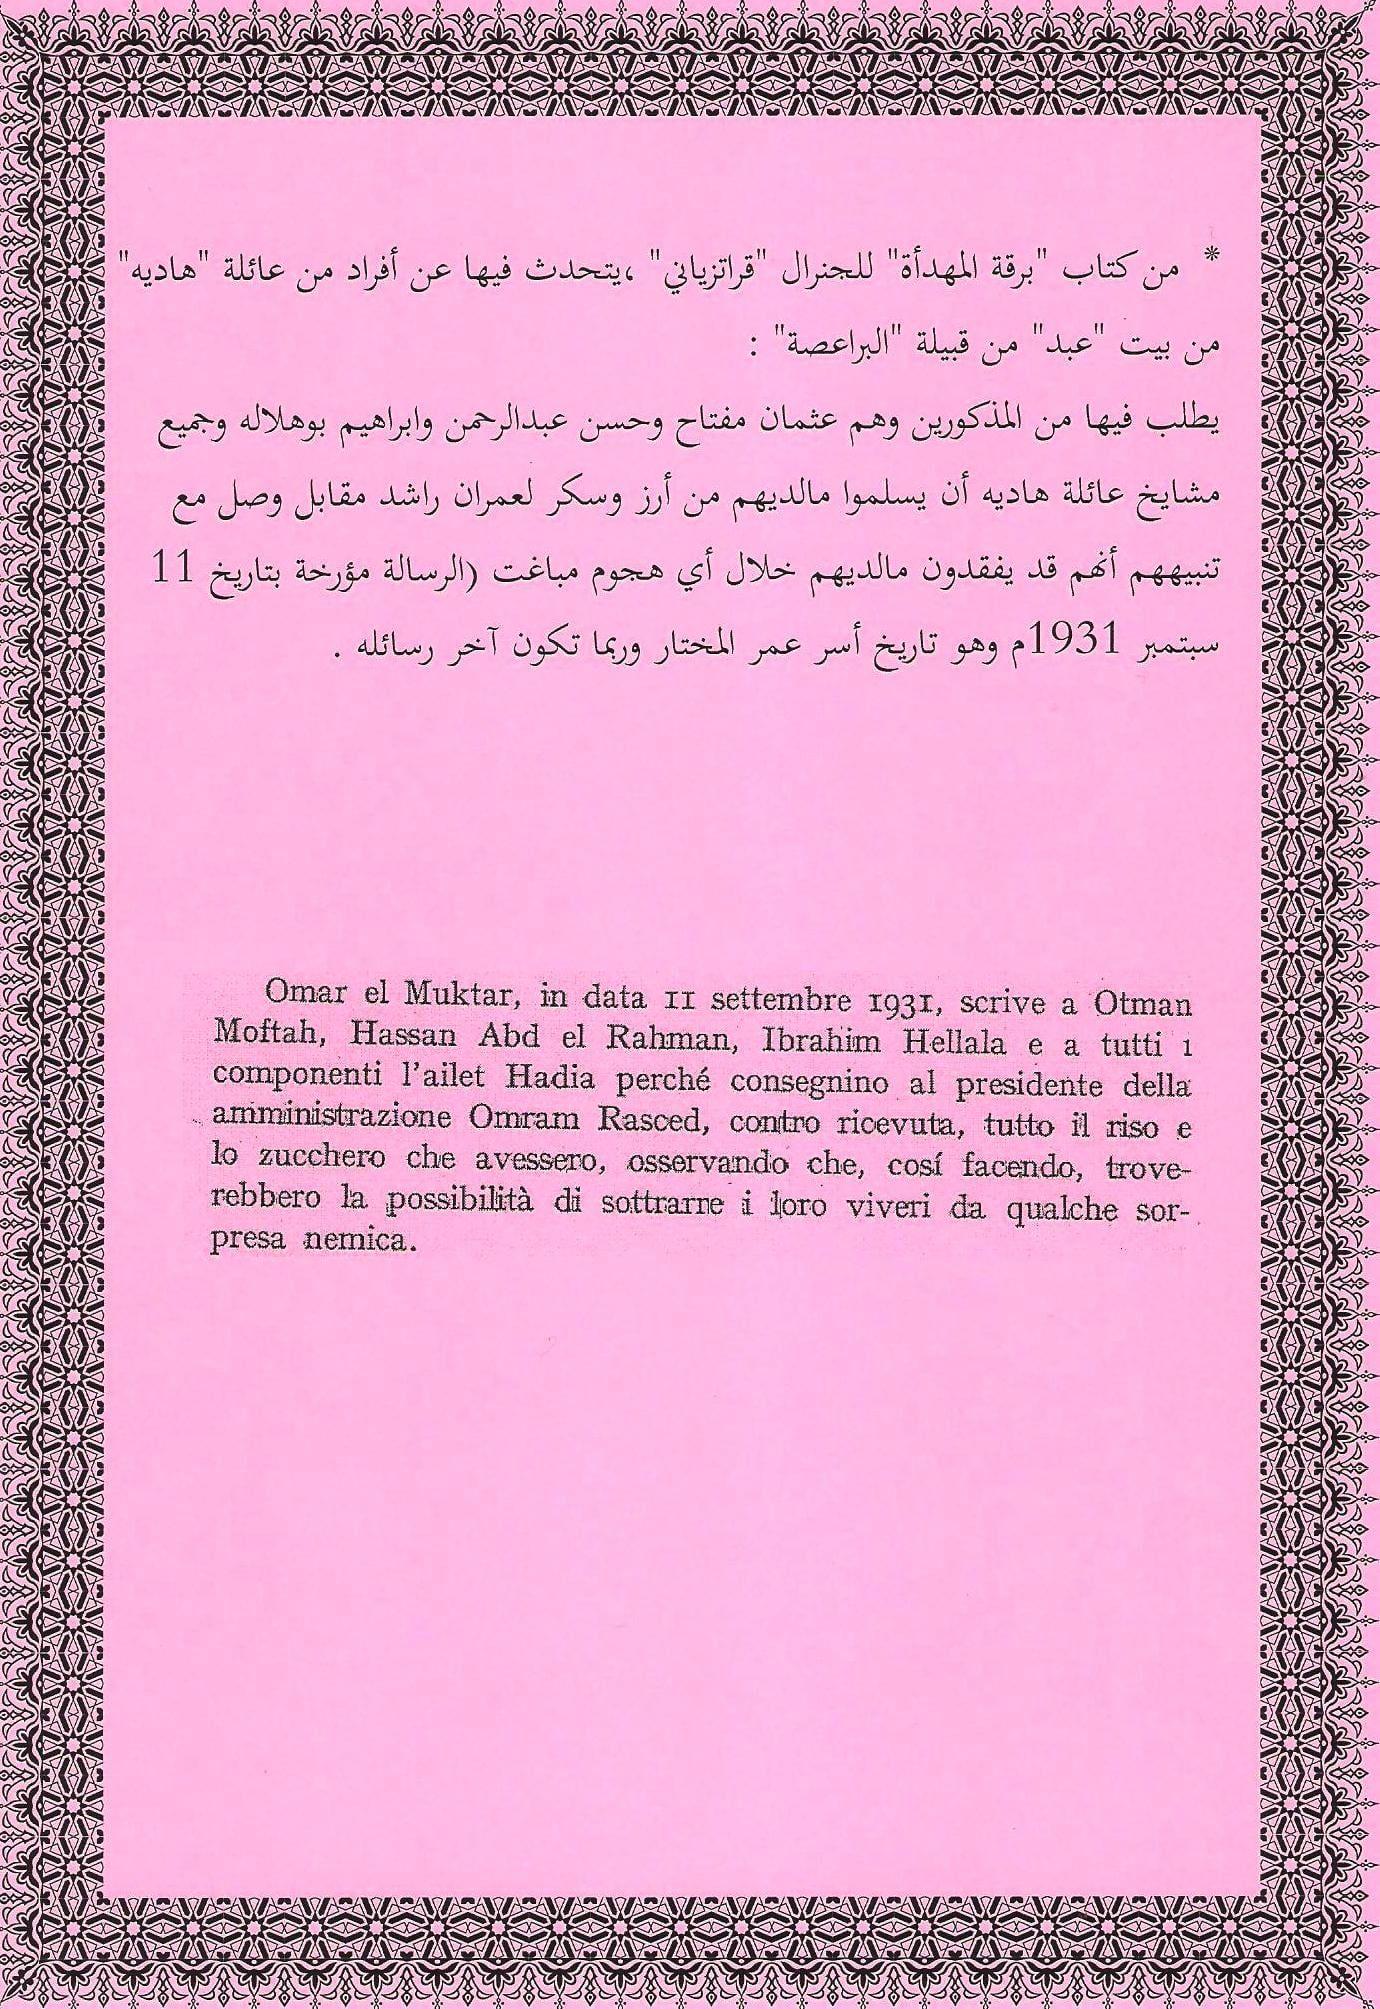 رسالة عمرالمختار الأخيرة يوم 11 سبتمبر 1931م أي يوم أسره إلى مجاهدي عائلة هادية من عشيرة عبد البراعصة ذكرها الجنرال قراتزياني في كتابه برقة Libya History